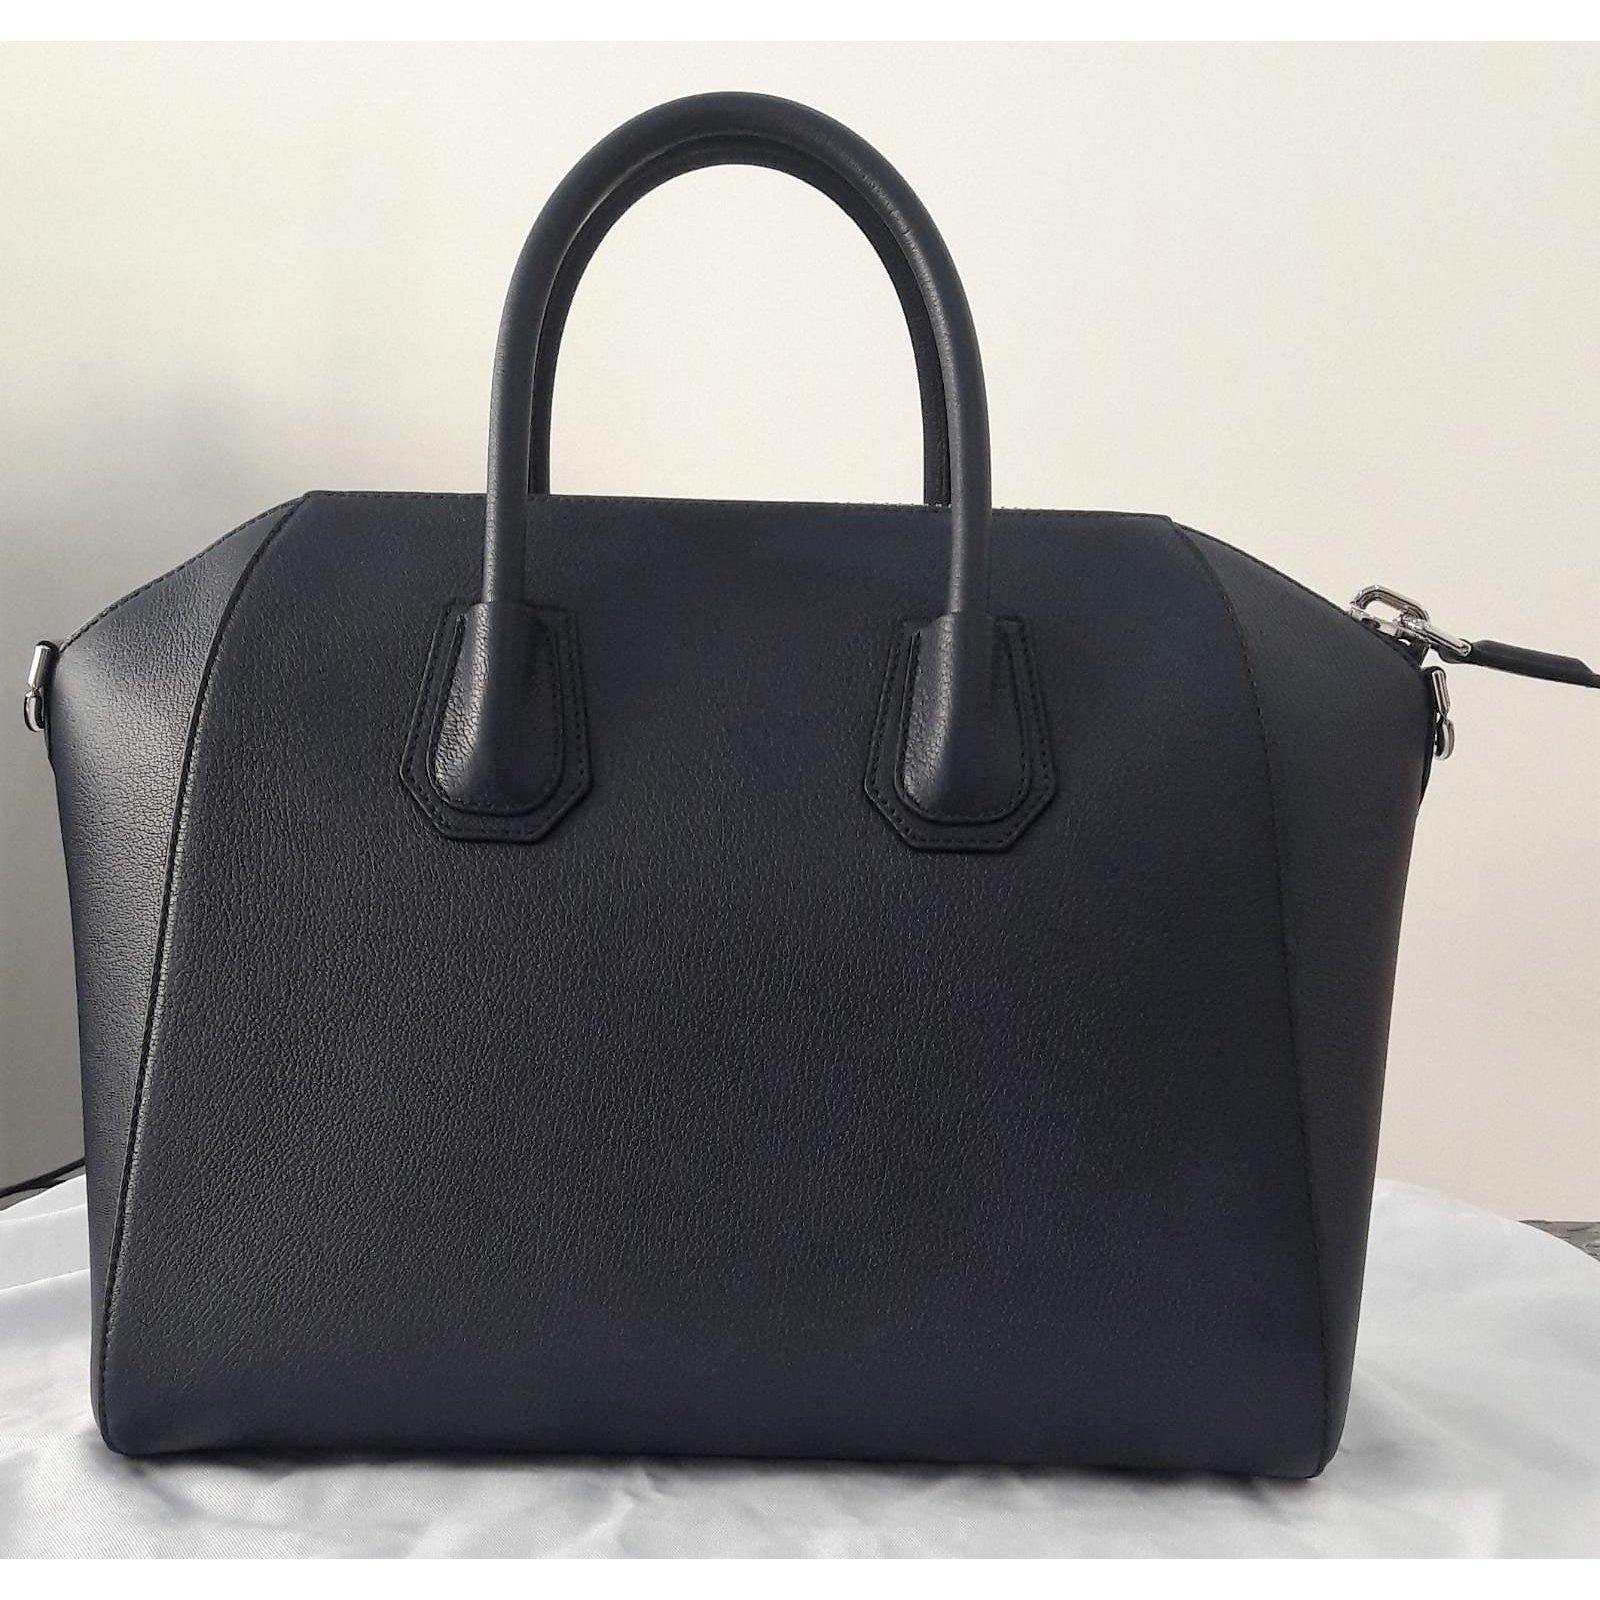 e3a2b7b568 Givenchy Antigona Handbags Leather Blue ref.85566 - Joli Closet